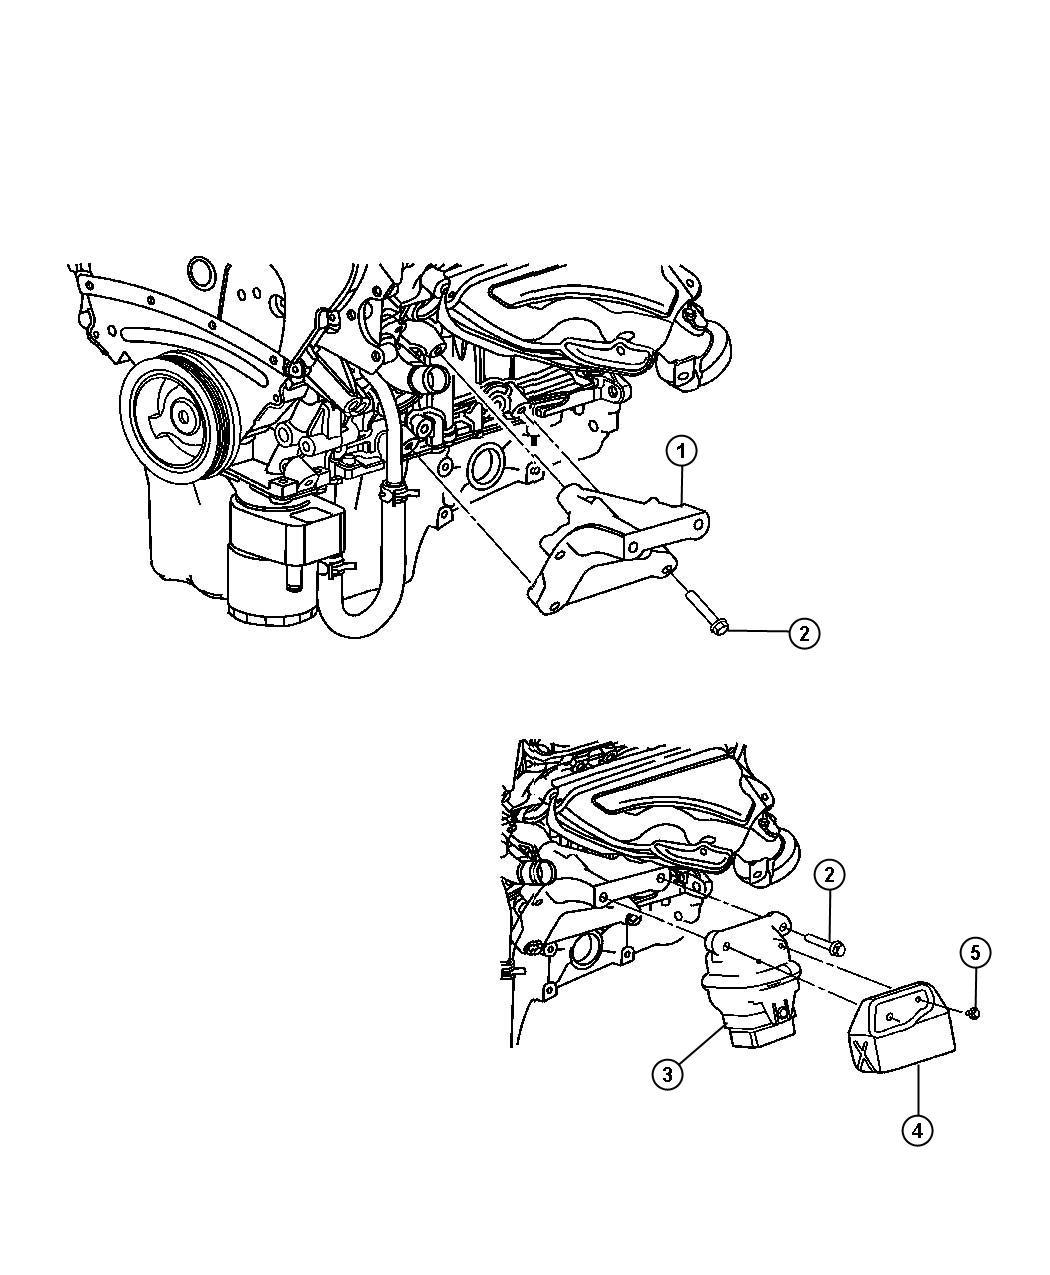 2006 Chrysler 300 Cylinder Head: Dodge Charger Engine Mounting Left Side AWD/4WD 3.5L [EGG]